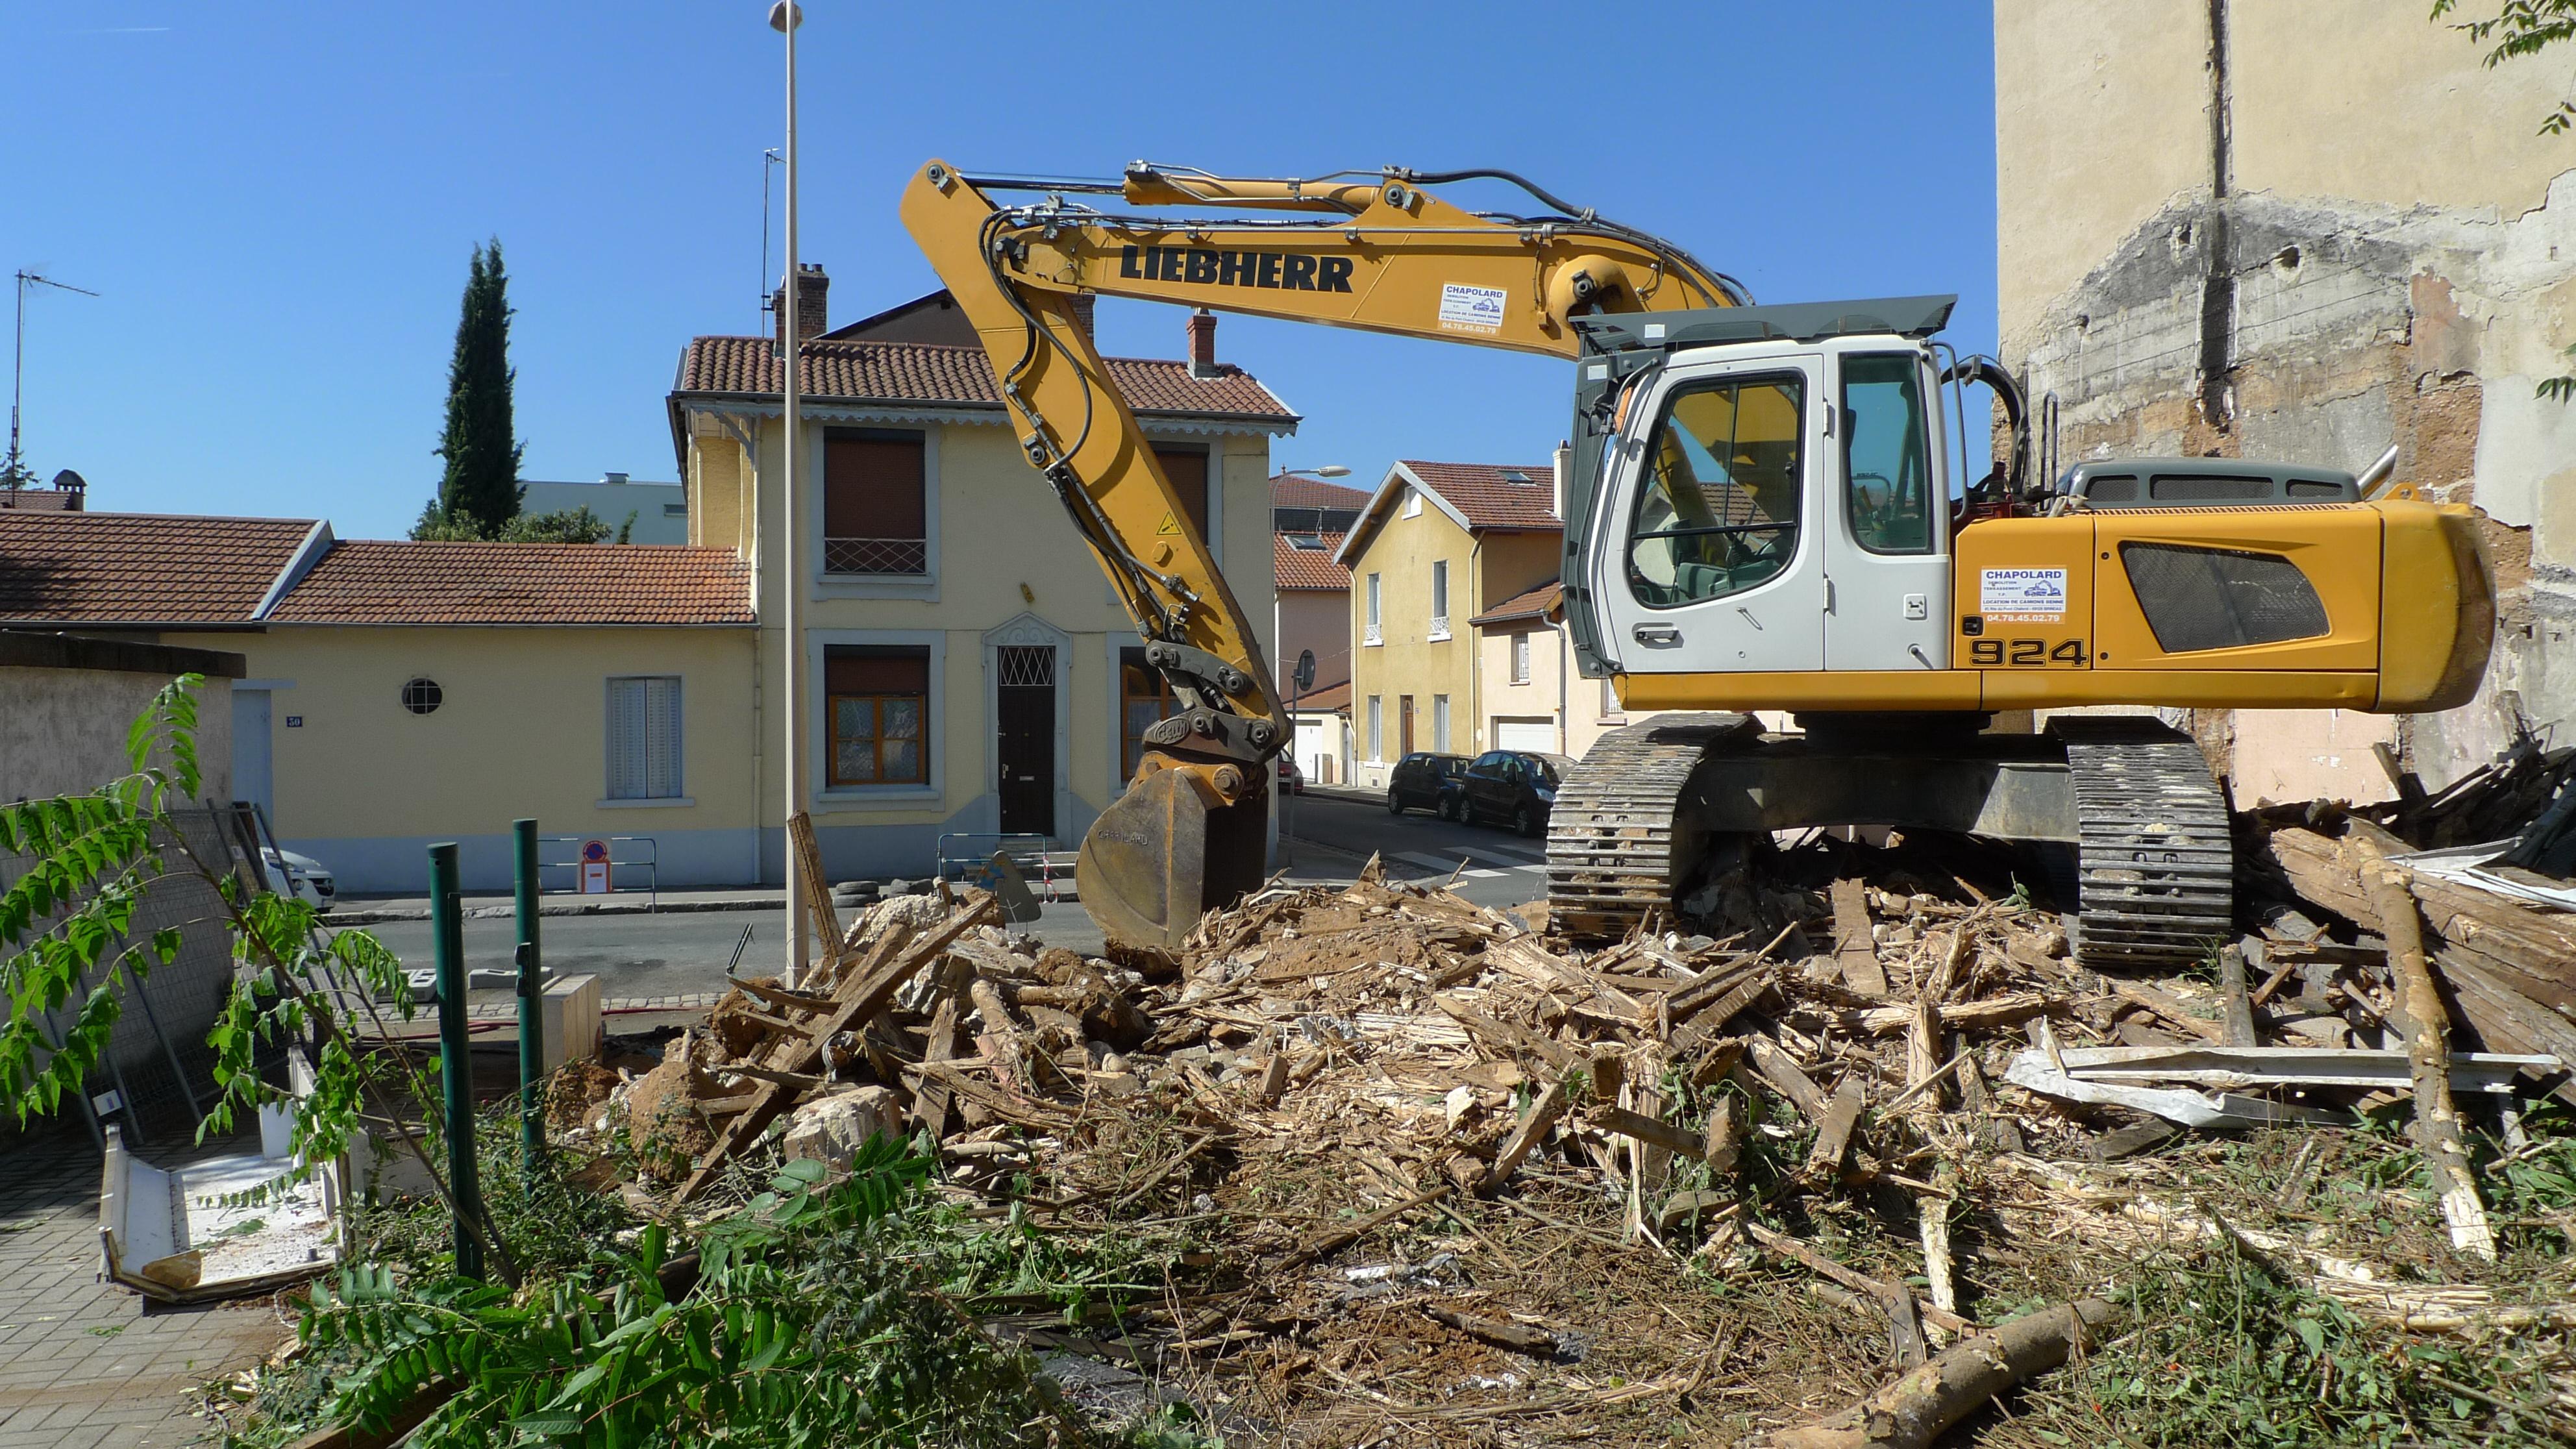 50 maisons rasées depuis 2001. Montchat village martyr